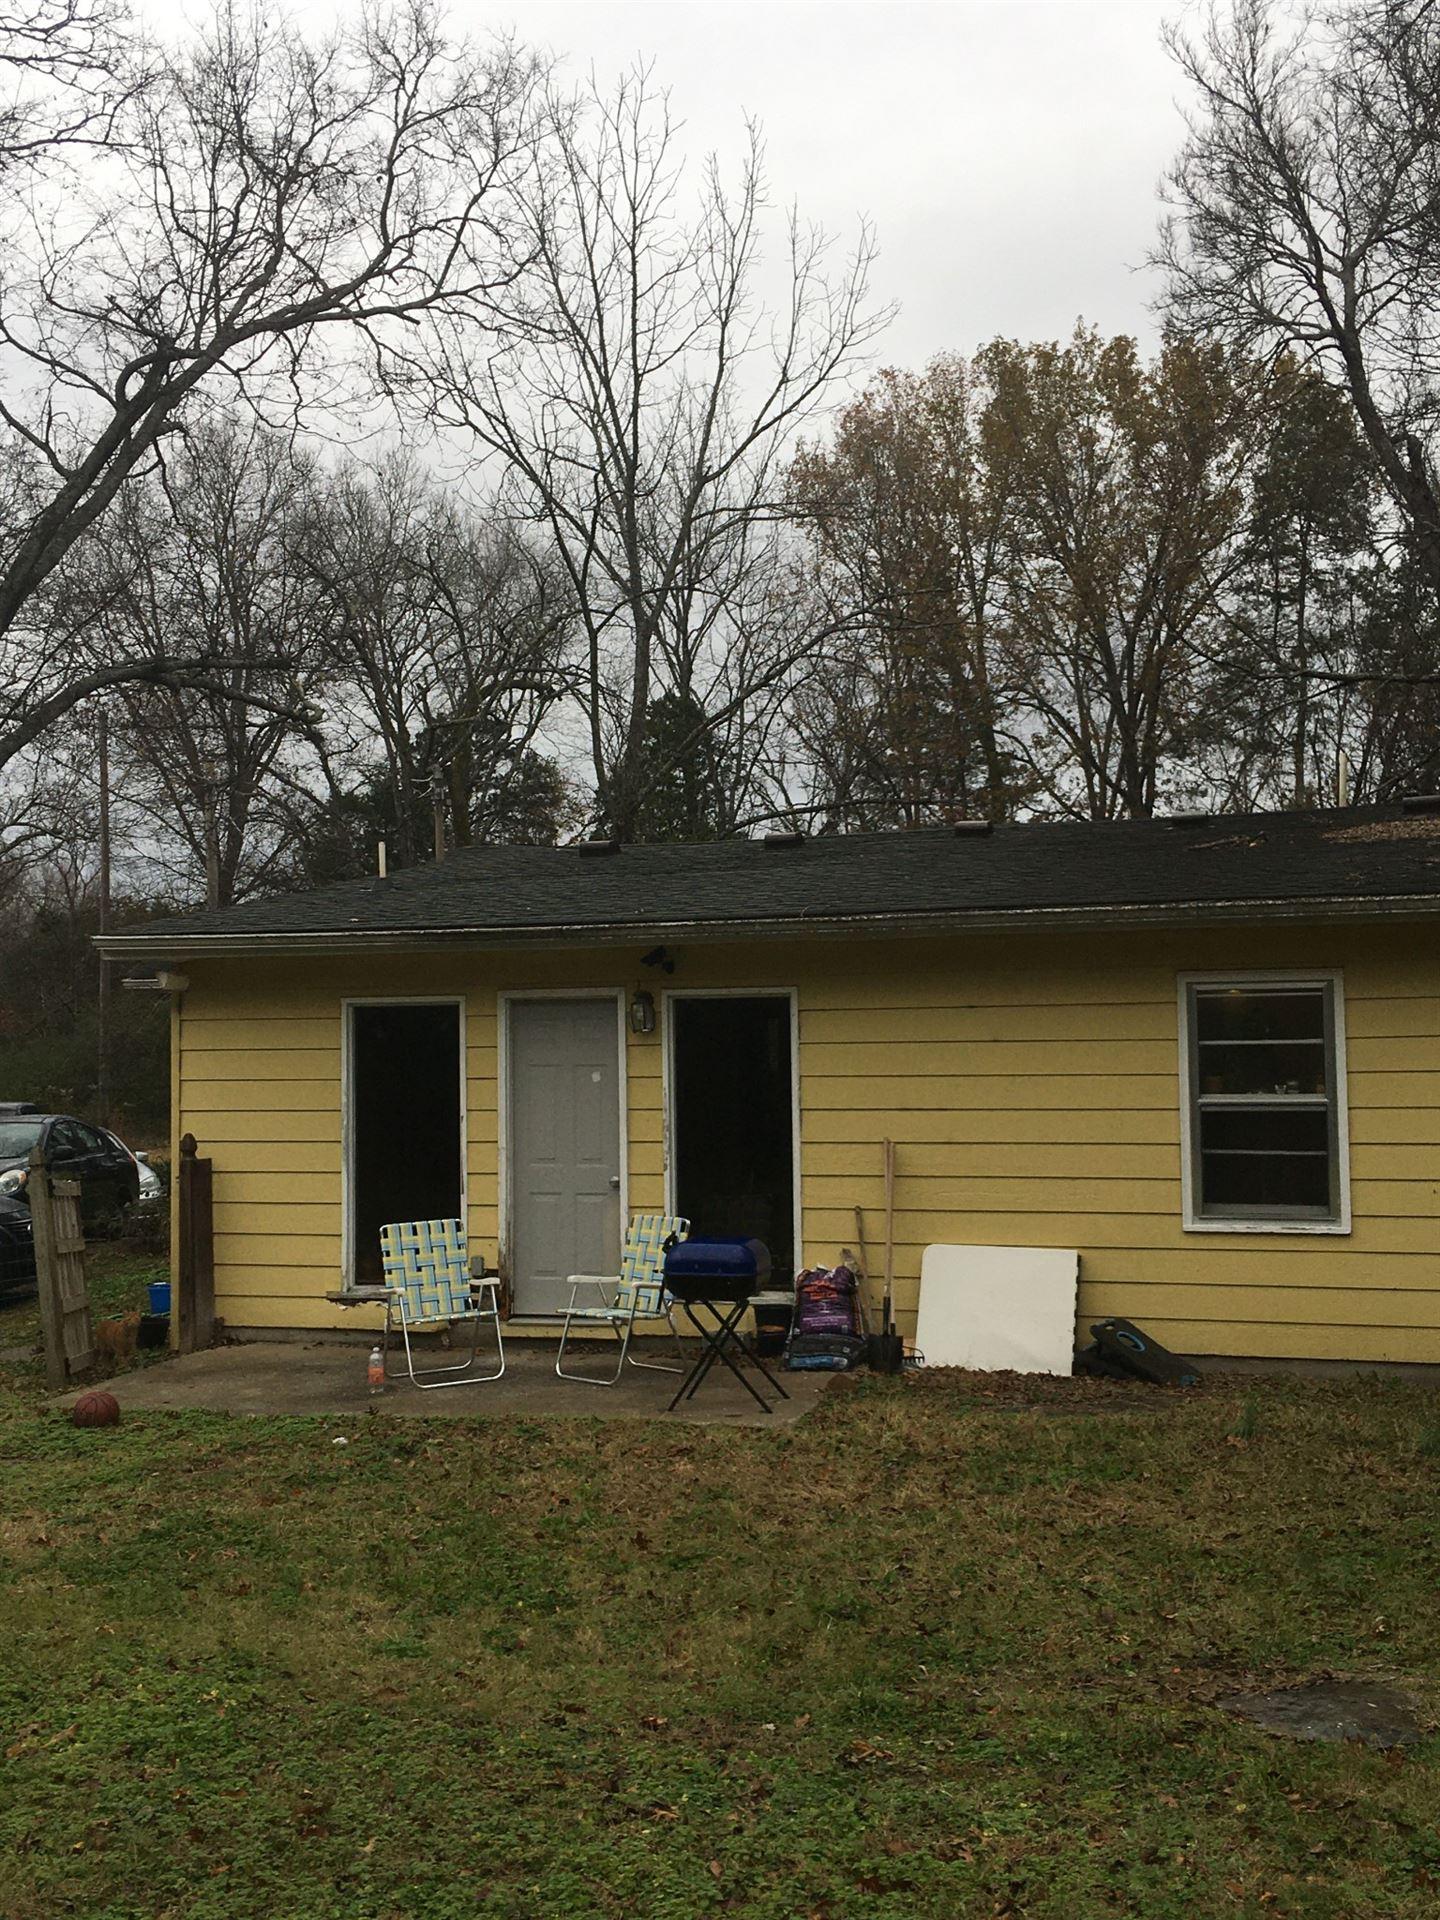 Photo of 121 Woodcraft Dr, Murfreesboro, TN 37127 (MLS # 2211453)